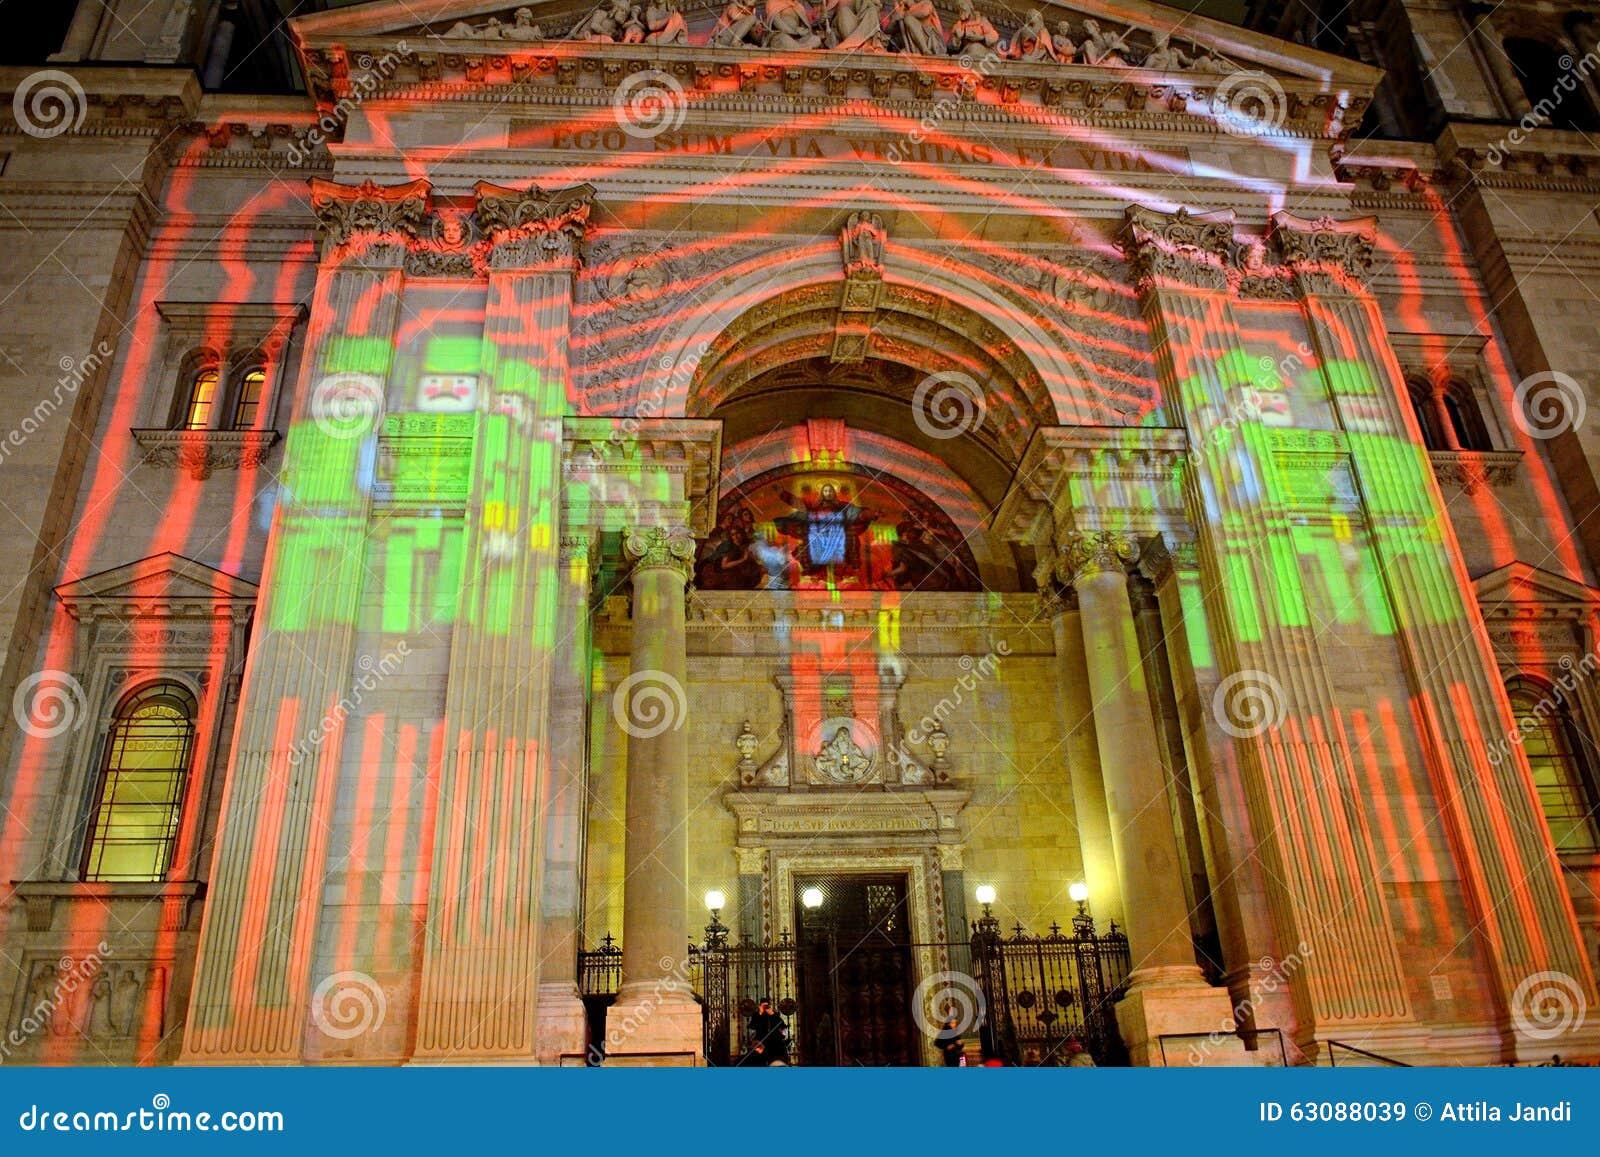 Download St Steven Cathedral Dans L'illumination De Noël, Budapest, Hongrie Image stock éditorial - Image du culturel, festival: 63088039